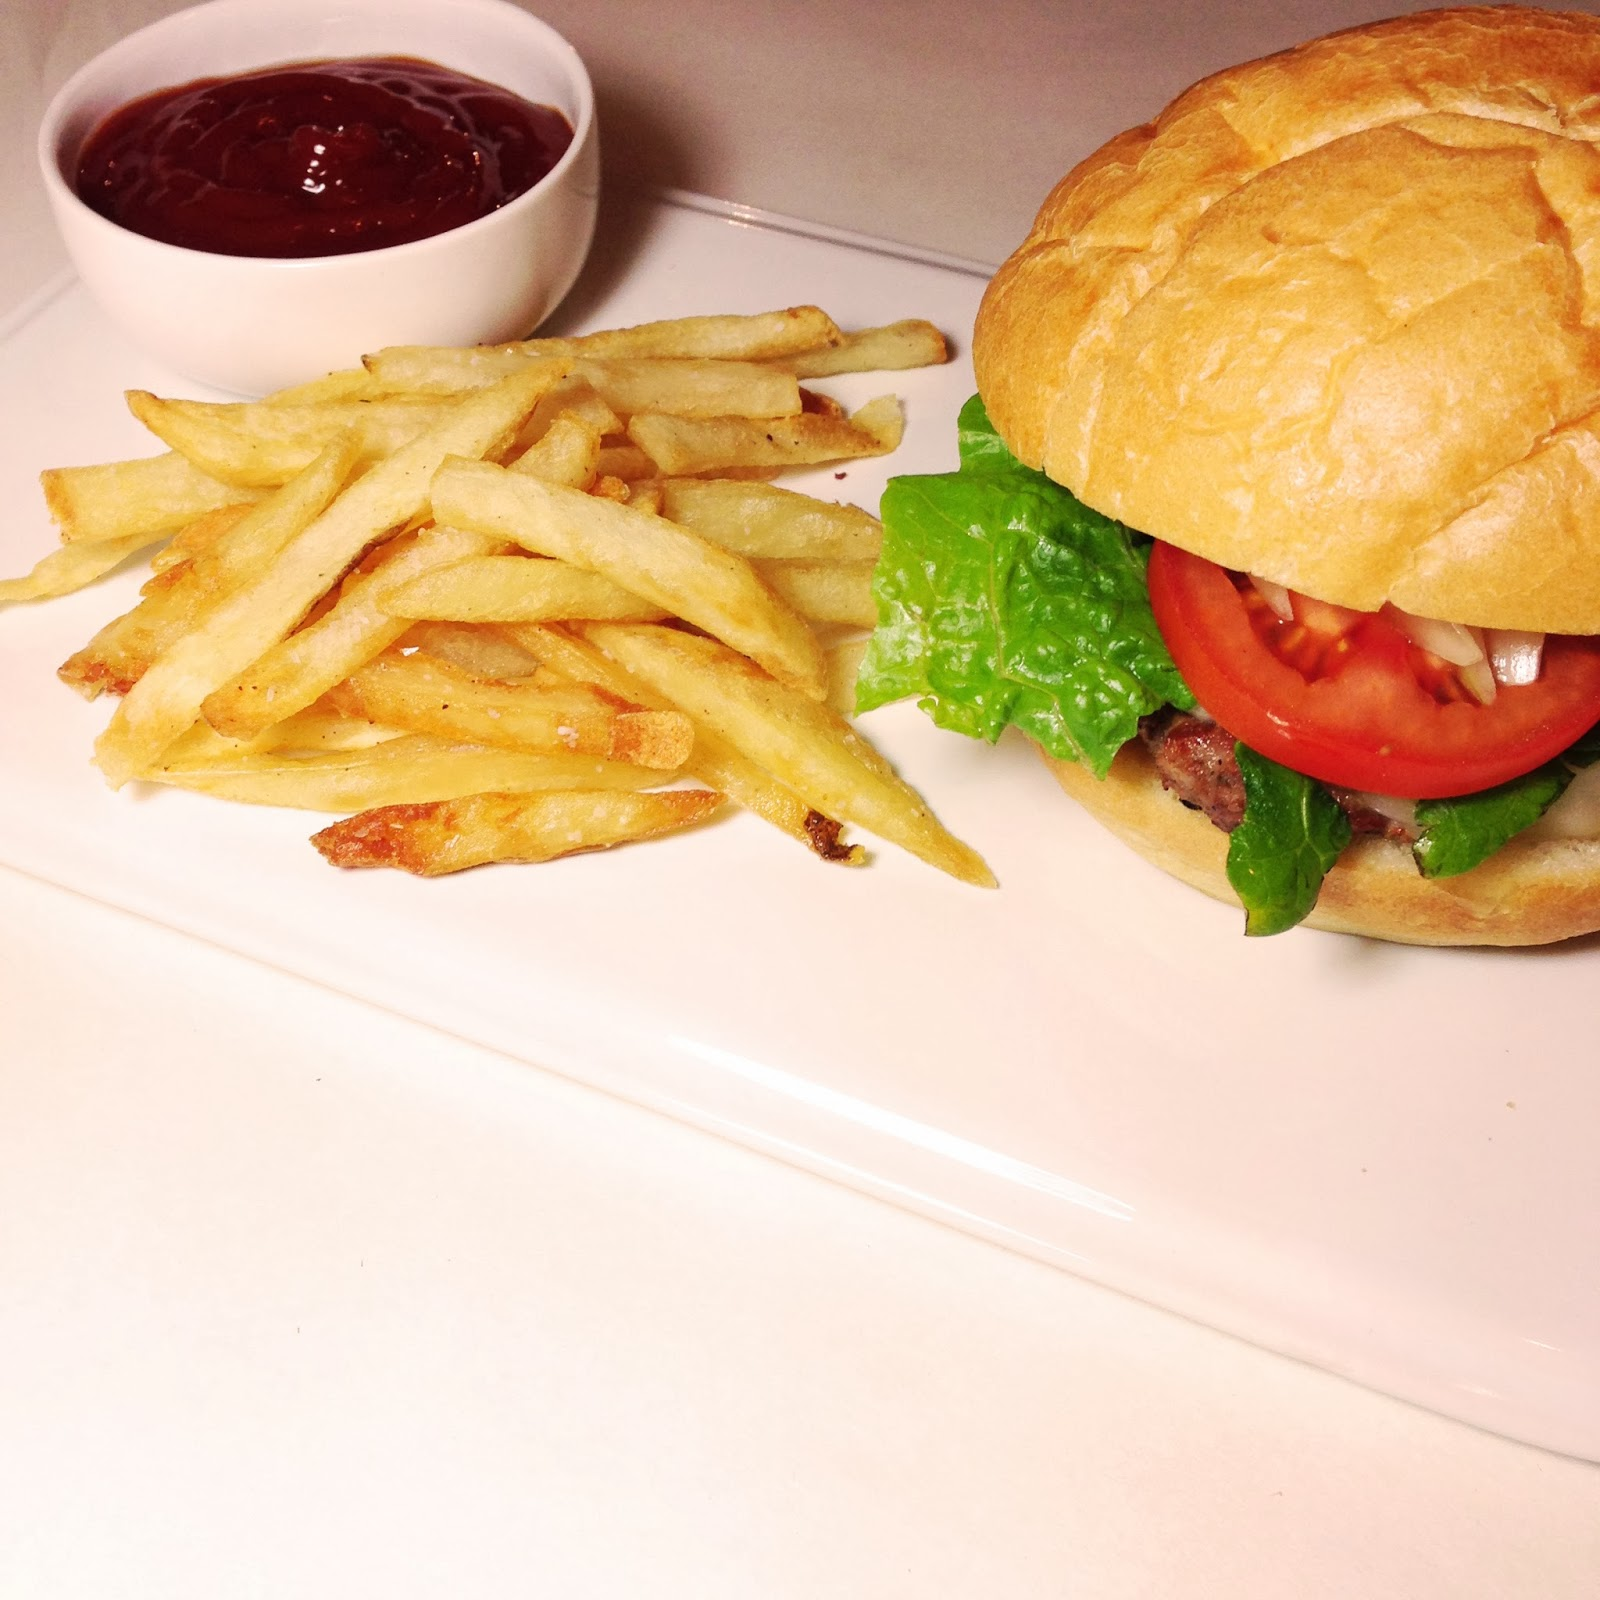 The Perfect Hamburger    Tastessogoodblog.blogspot.com